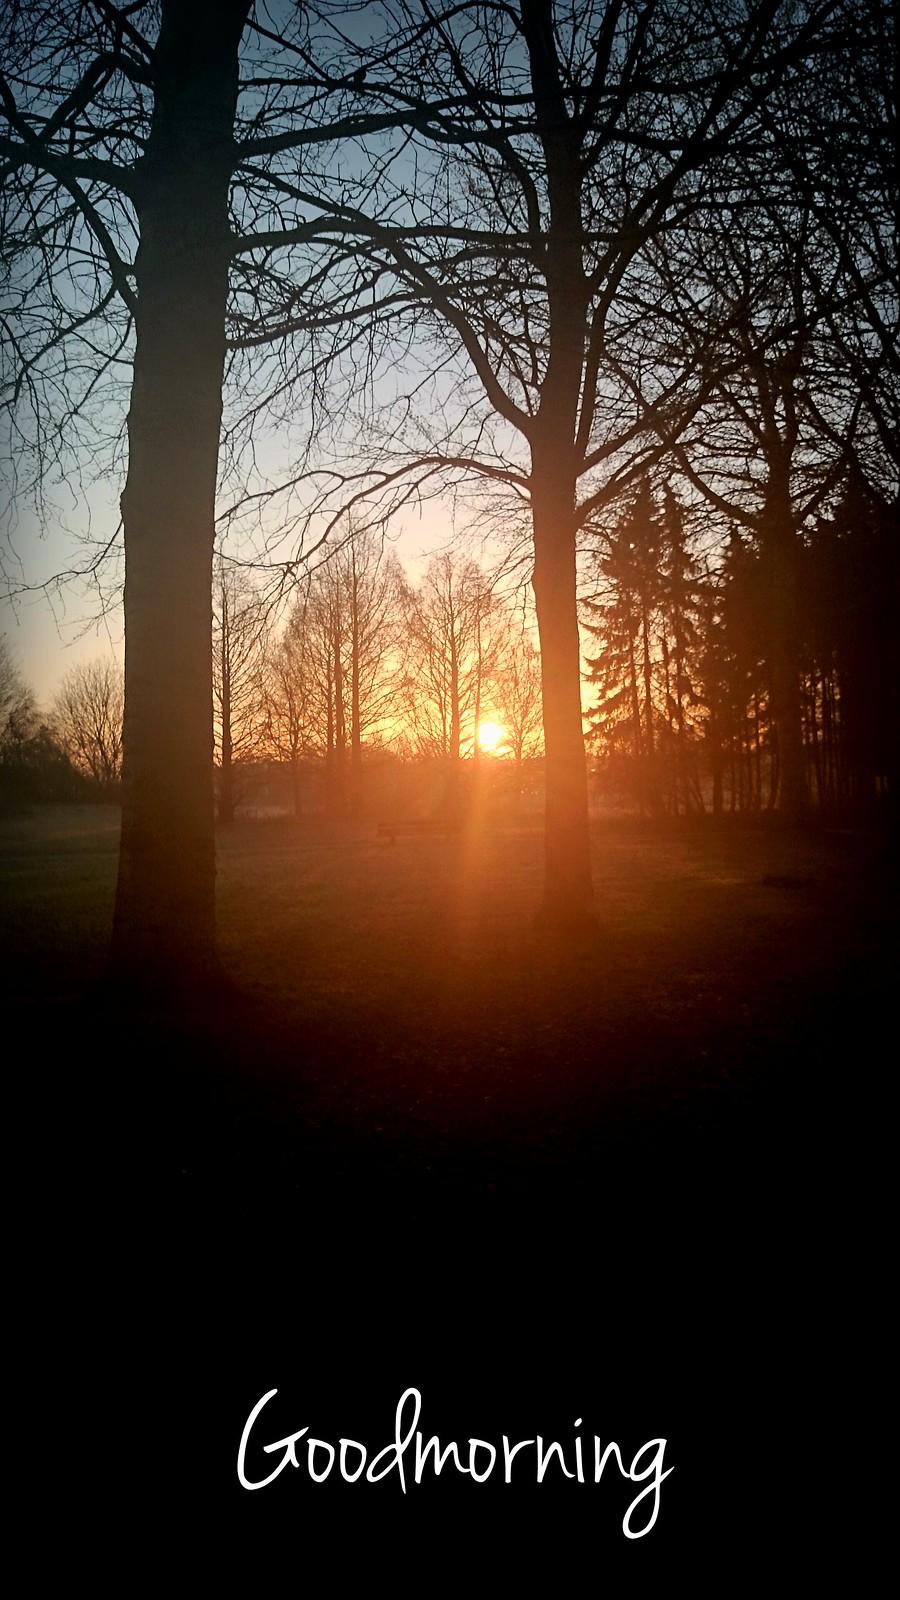 Goodmorning! (12-03-2015).